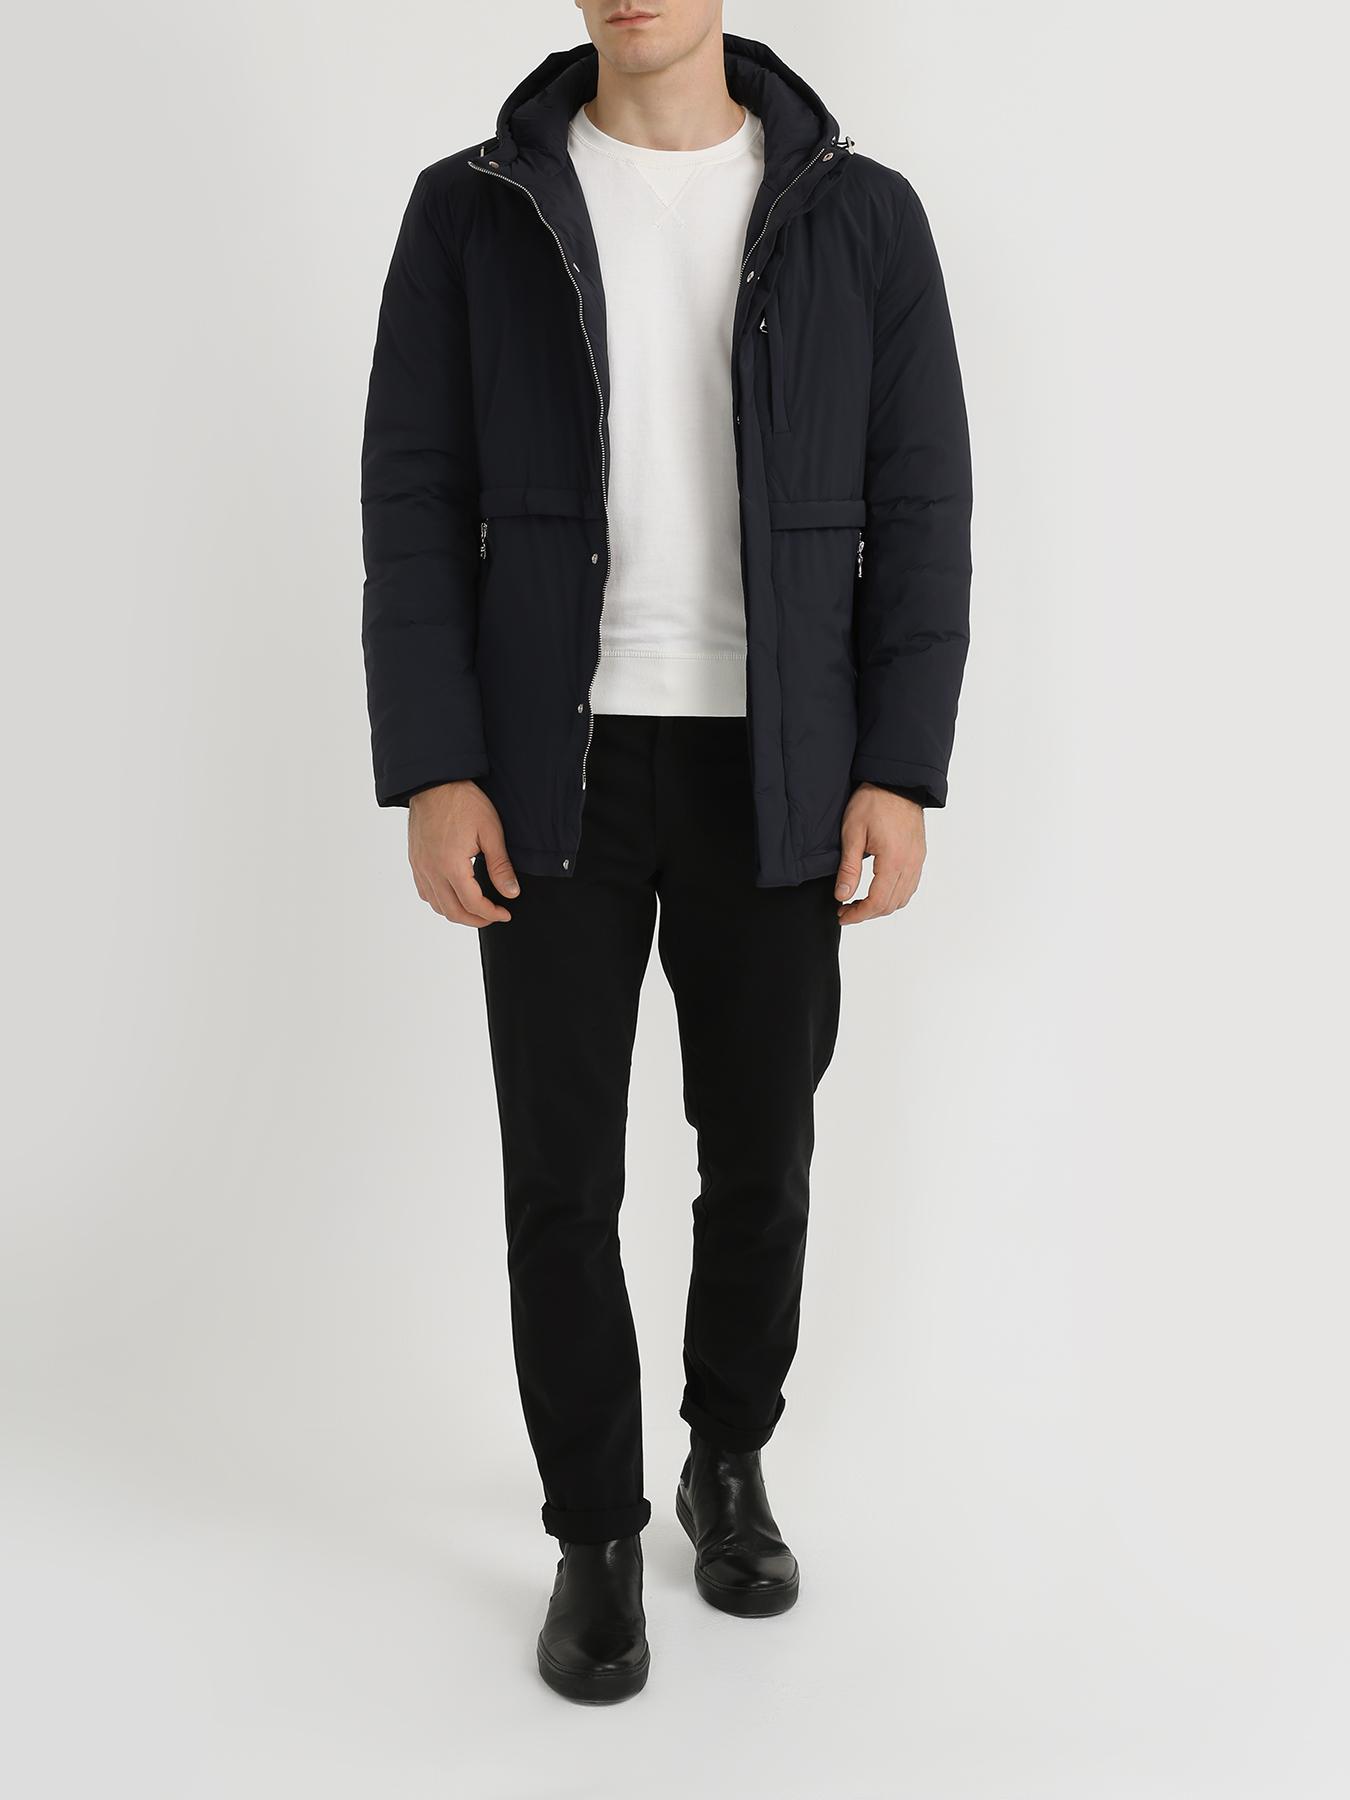 Korpo Two Куртка с капюшоном фото